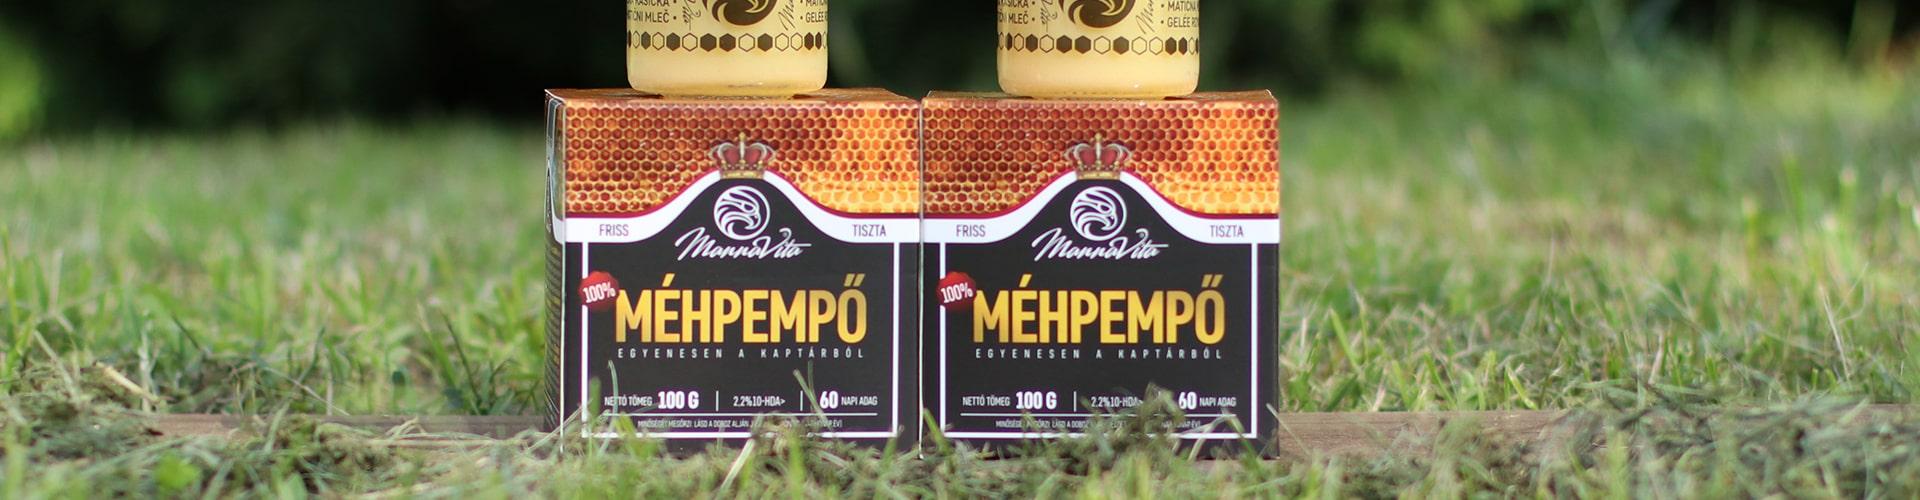 méhpempő hogyan kell szedni magas vérnyomás esetén)